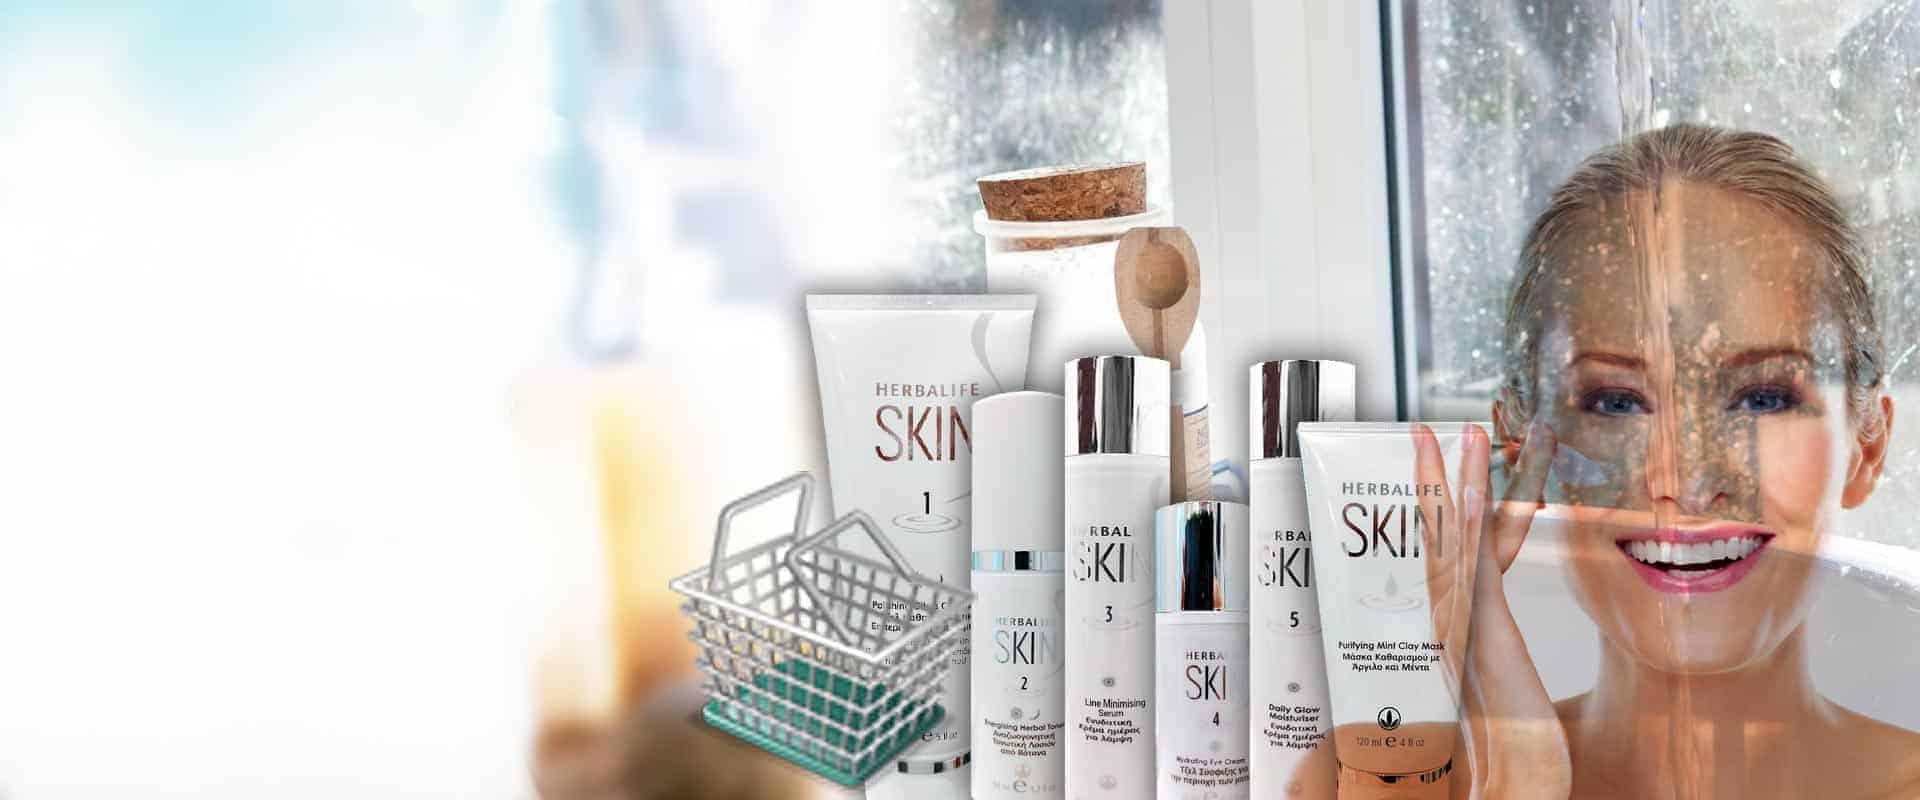 Kvalitet SKIN hudplejeprodukter køb i shoppen